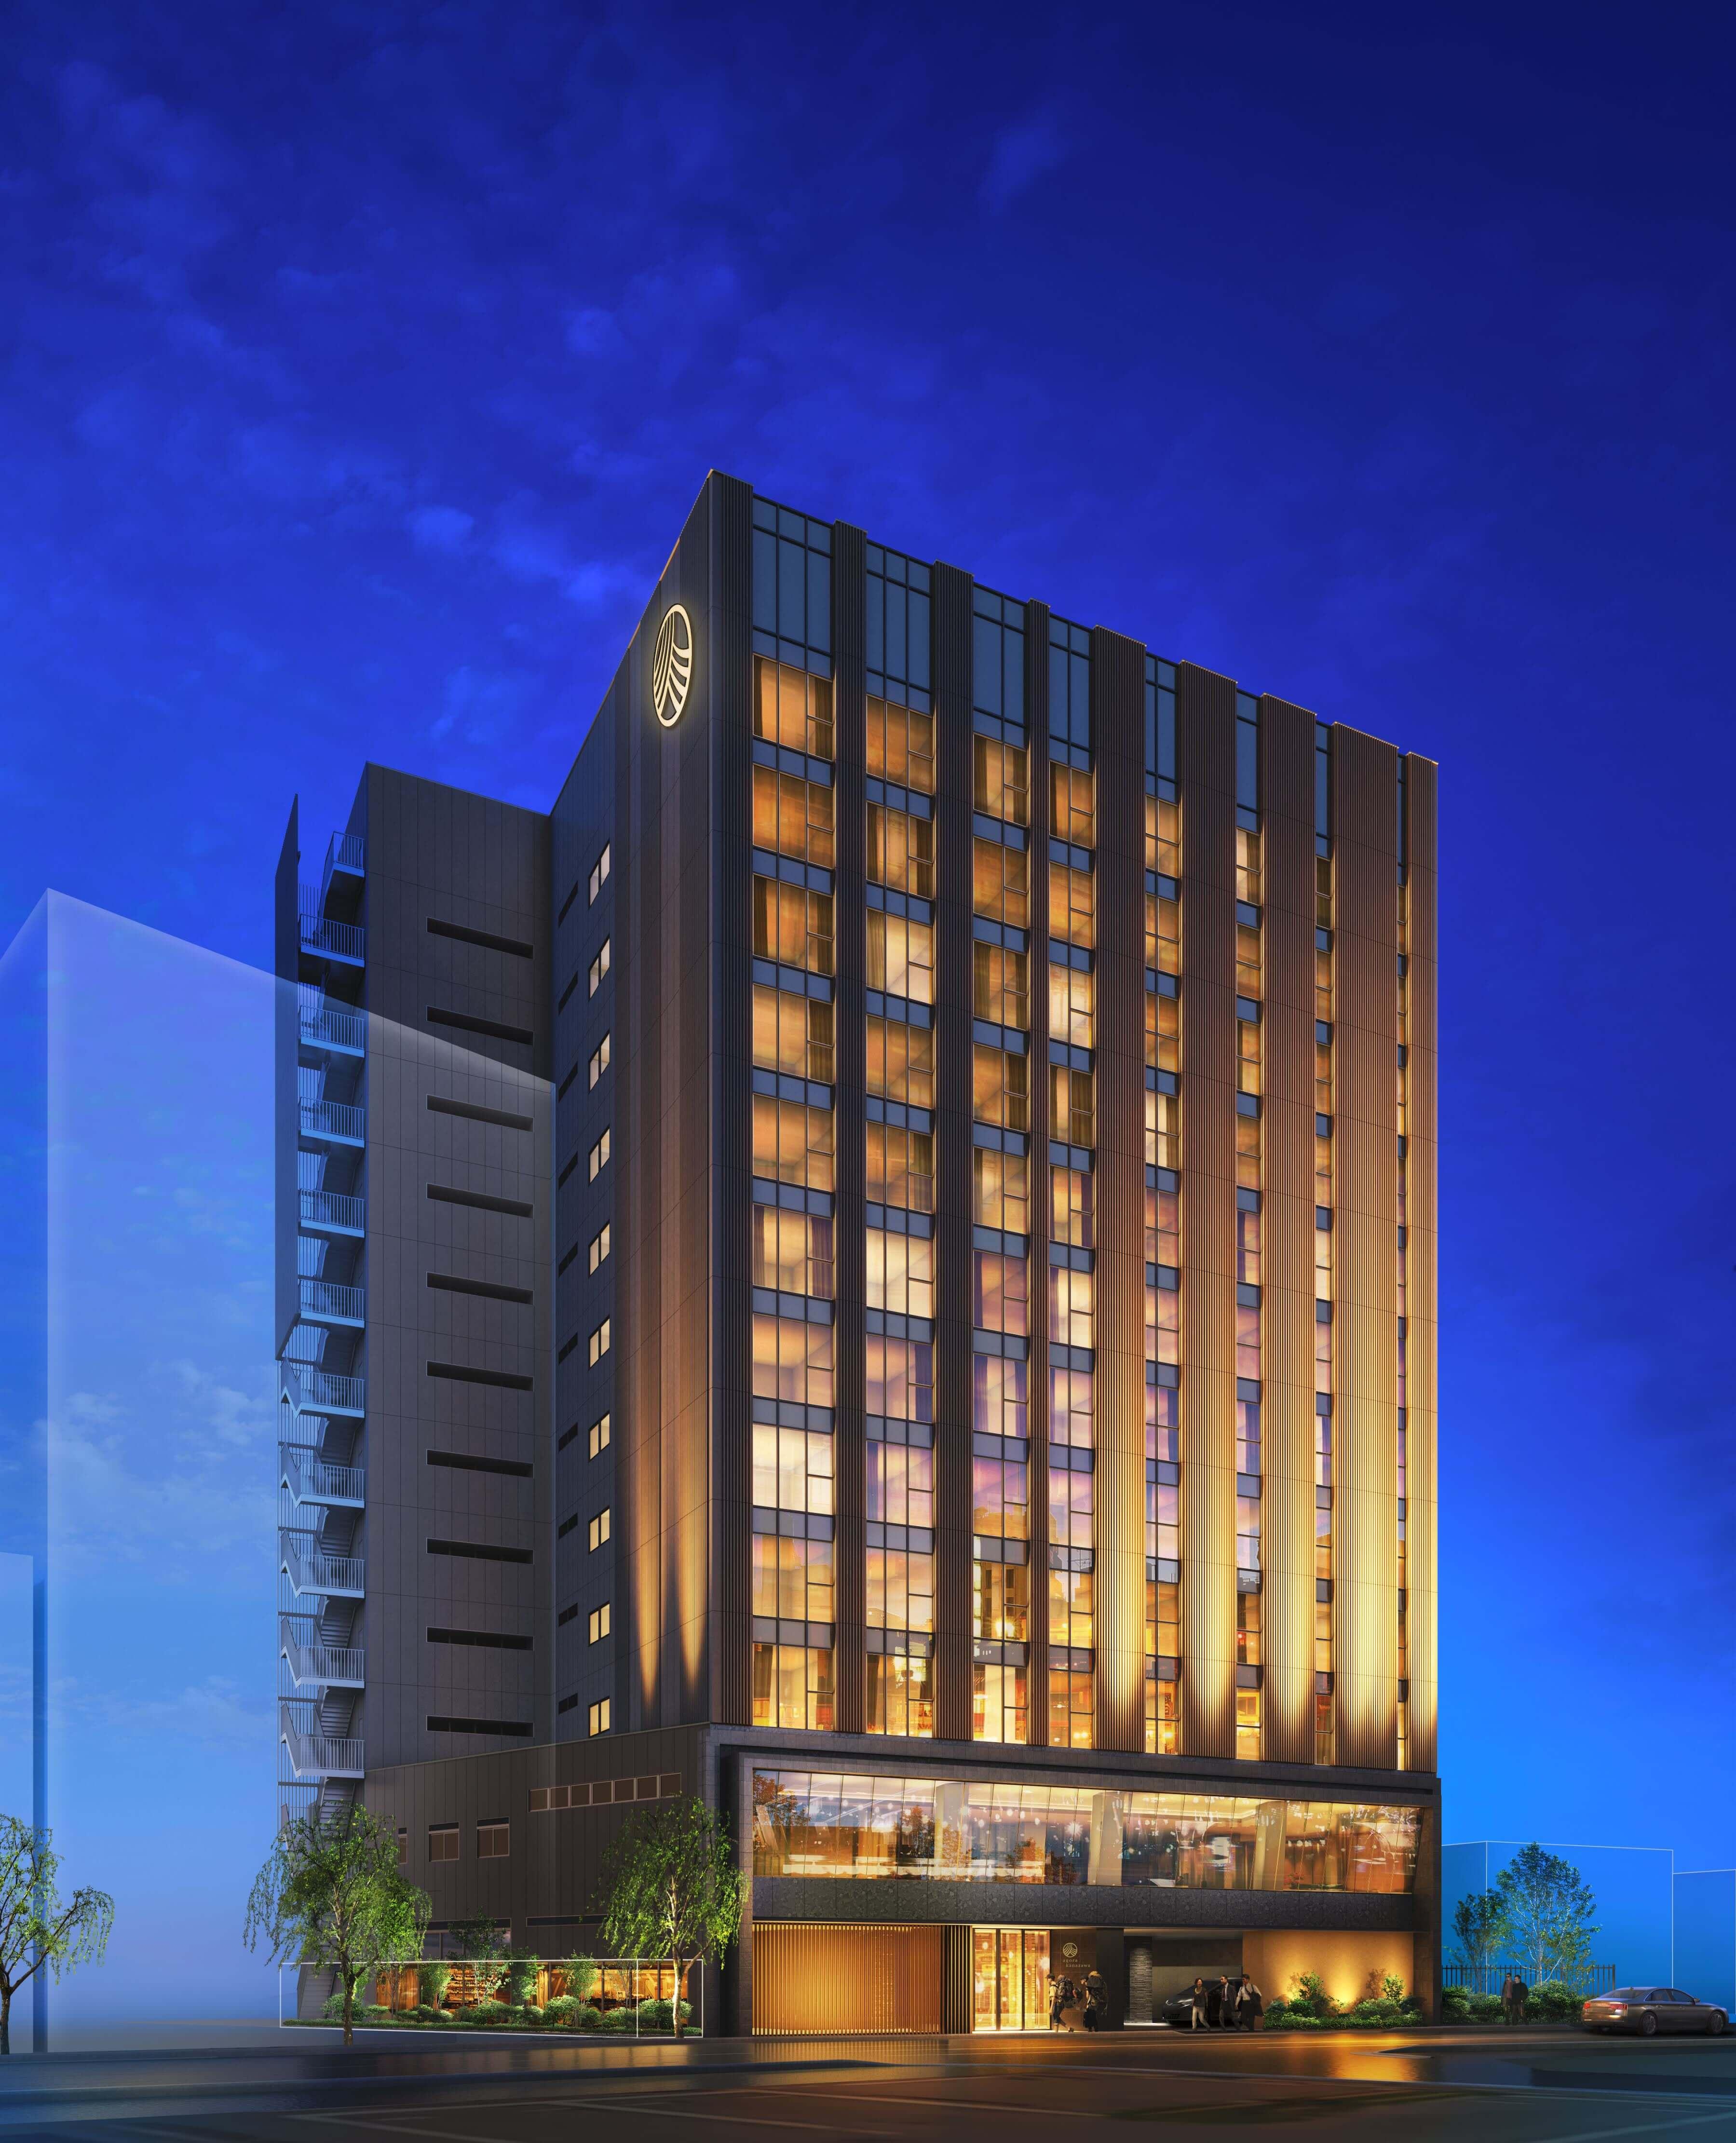 片町に新ホテル「 アゴーラ 金沢 」2019年秋オープン 決定 !!